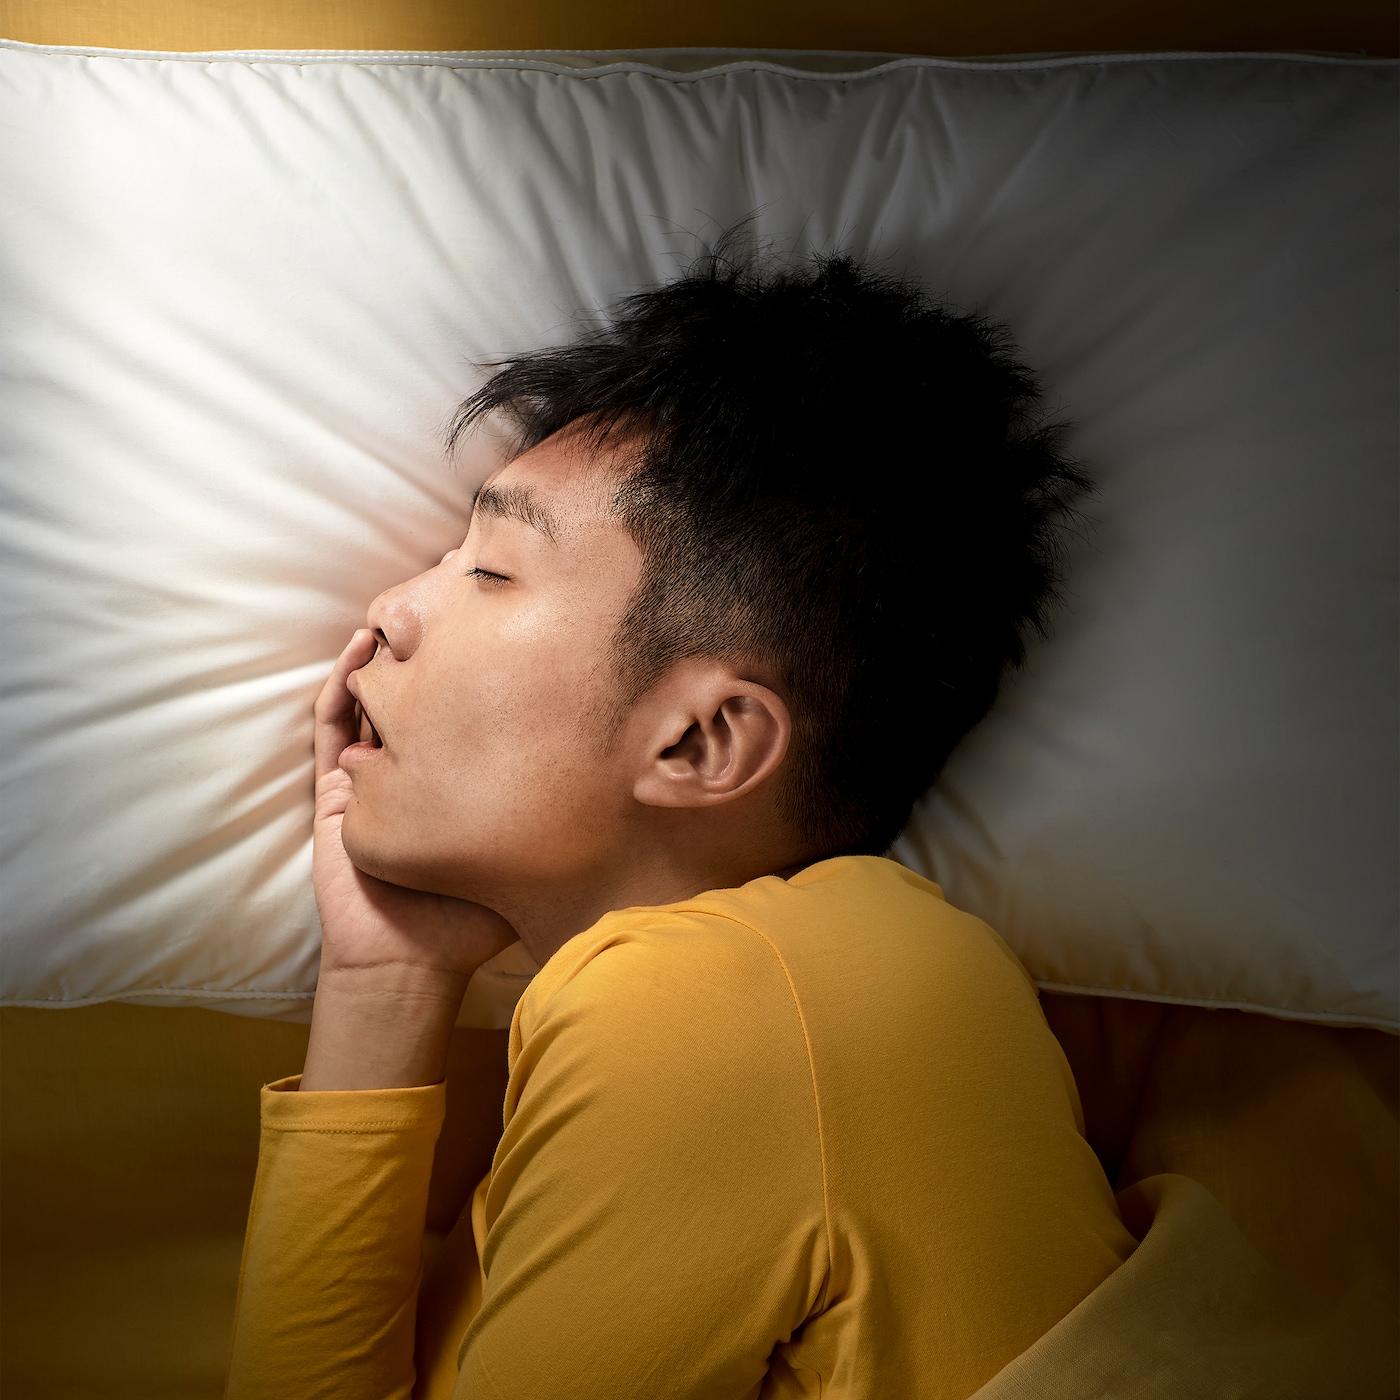 Un home jove, ajagut de costat, dorm profundament sobre un coixí ergonòmic IKEA PRAKTVÄDD.